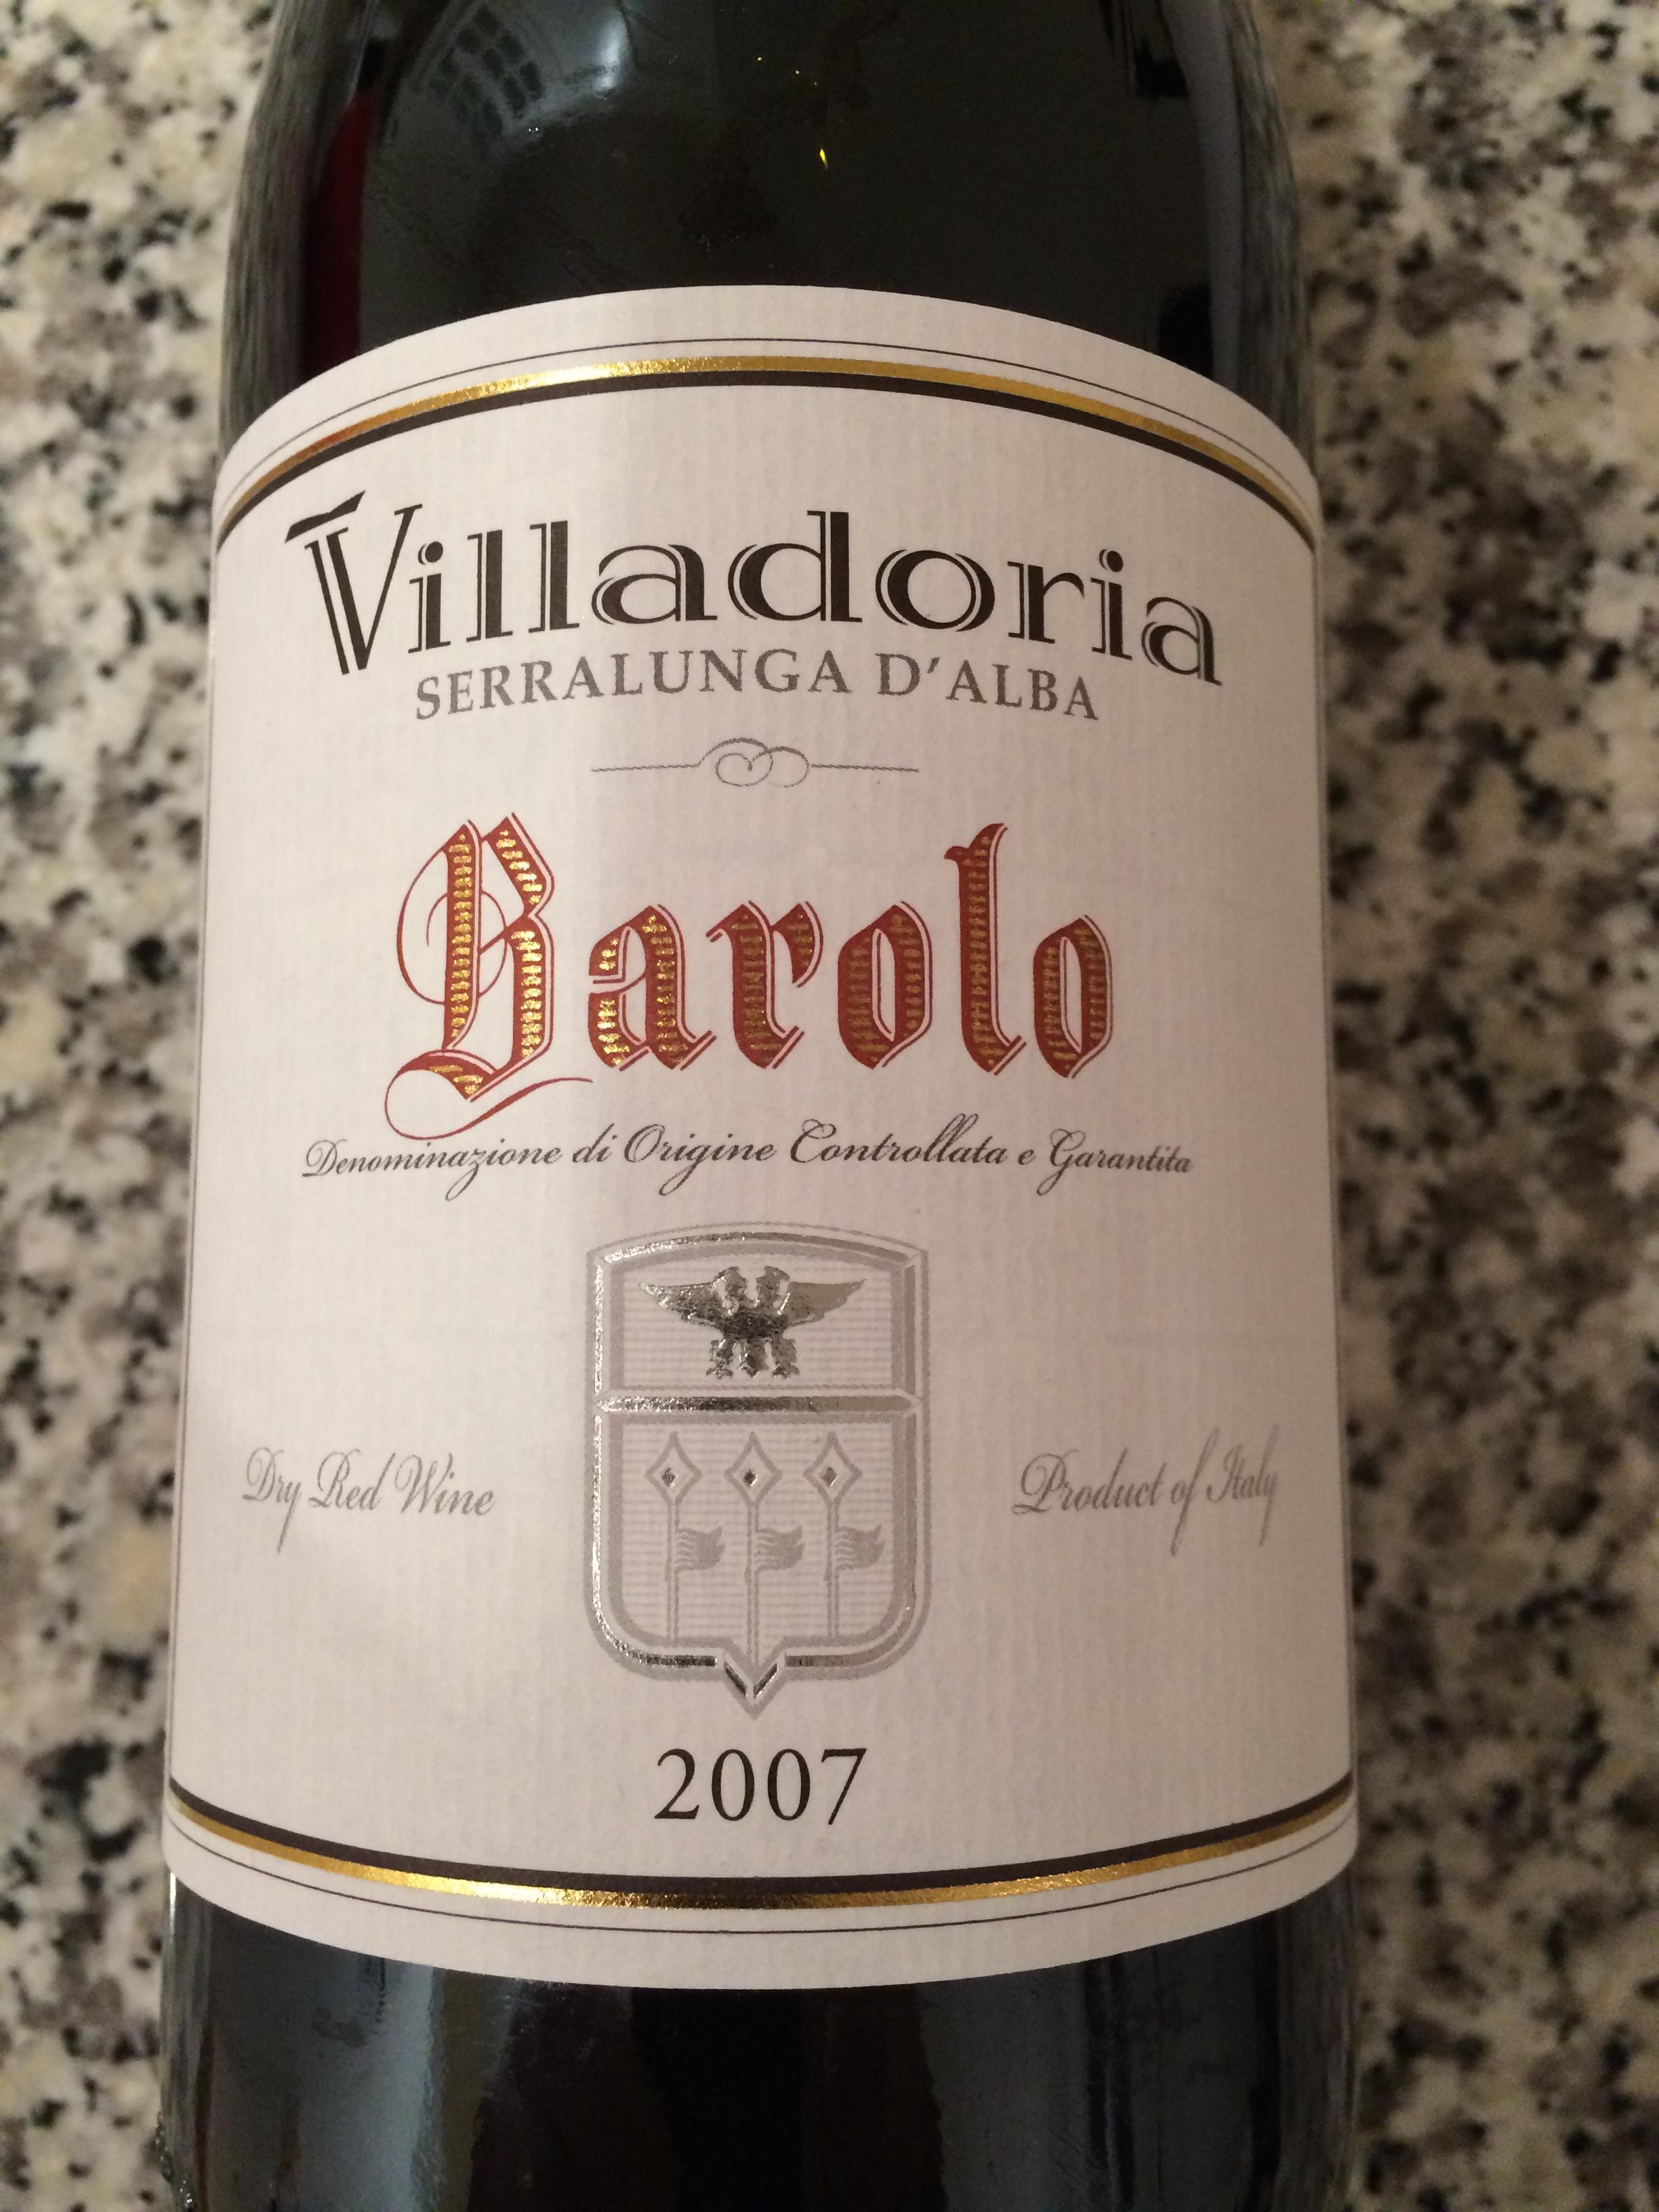 Villadoria Barolo 2007